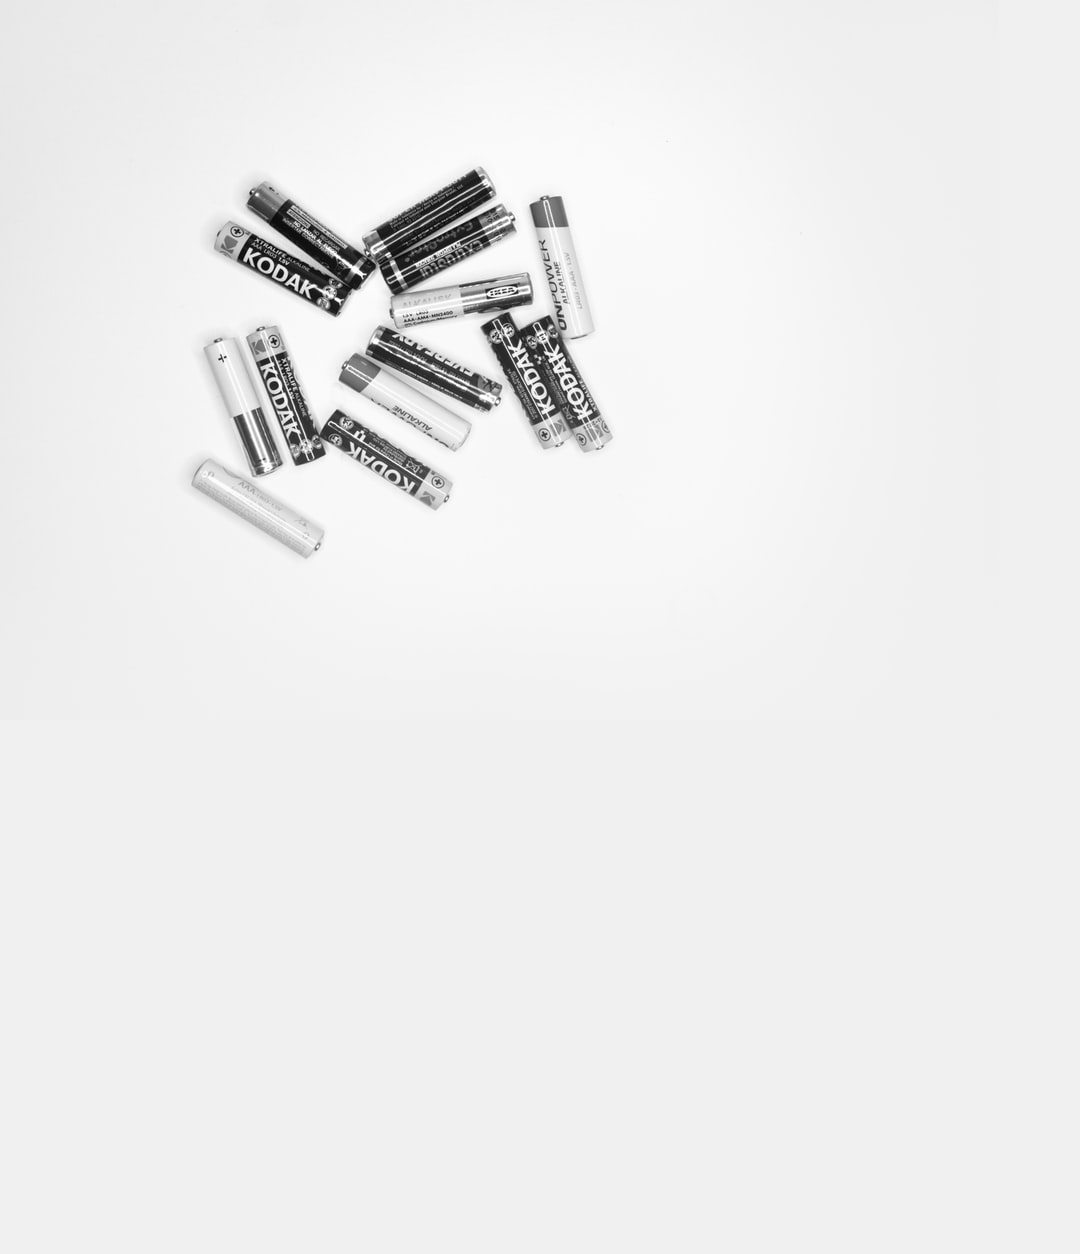 Still life batteries